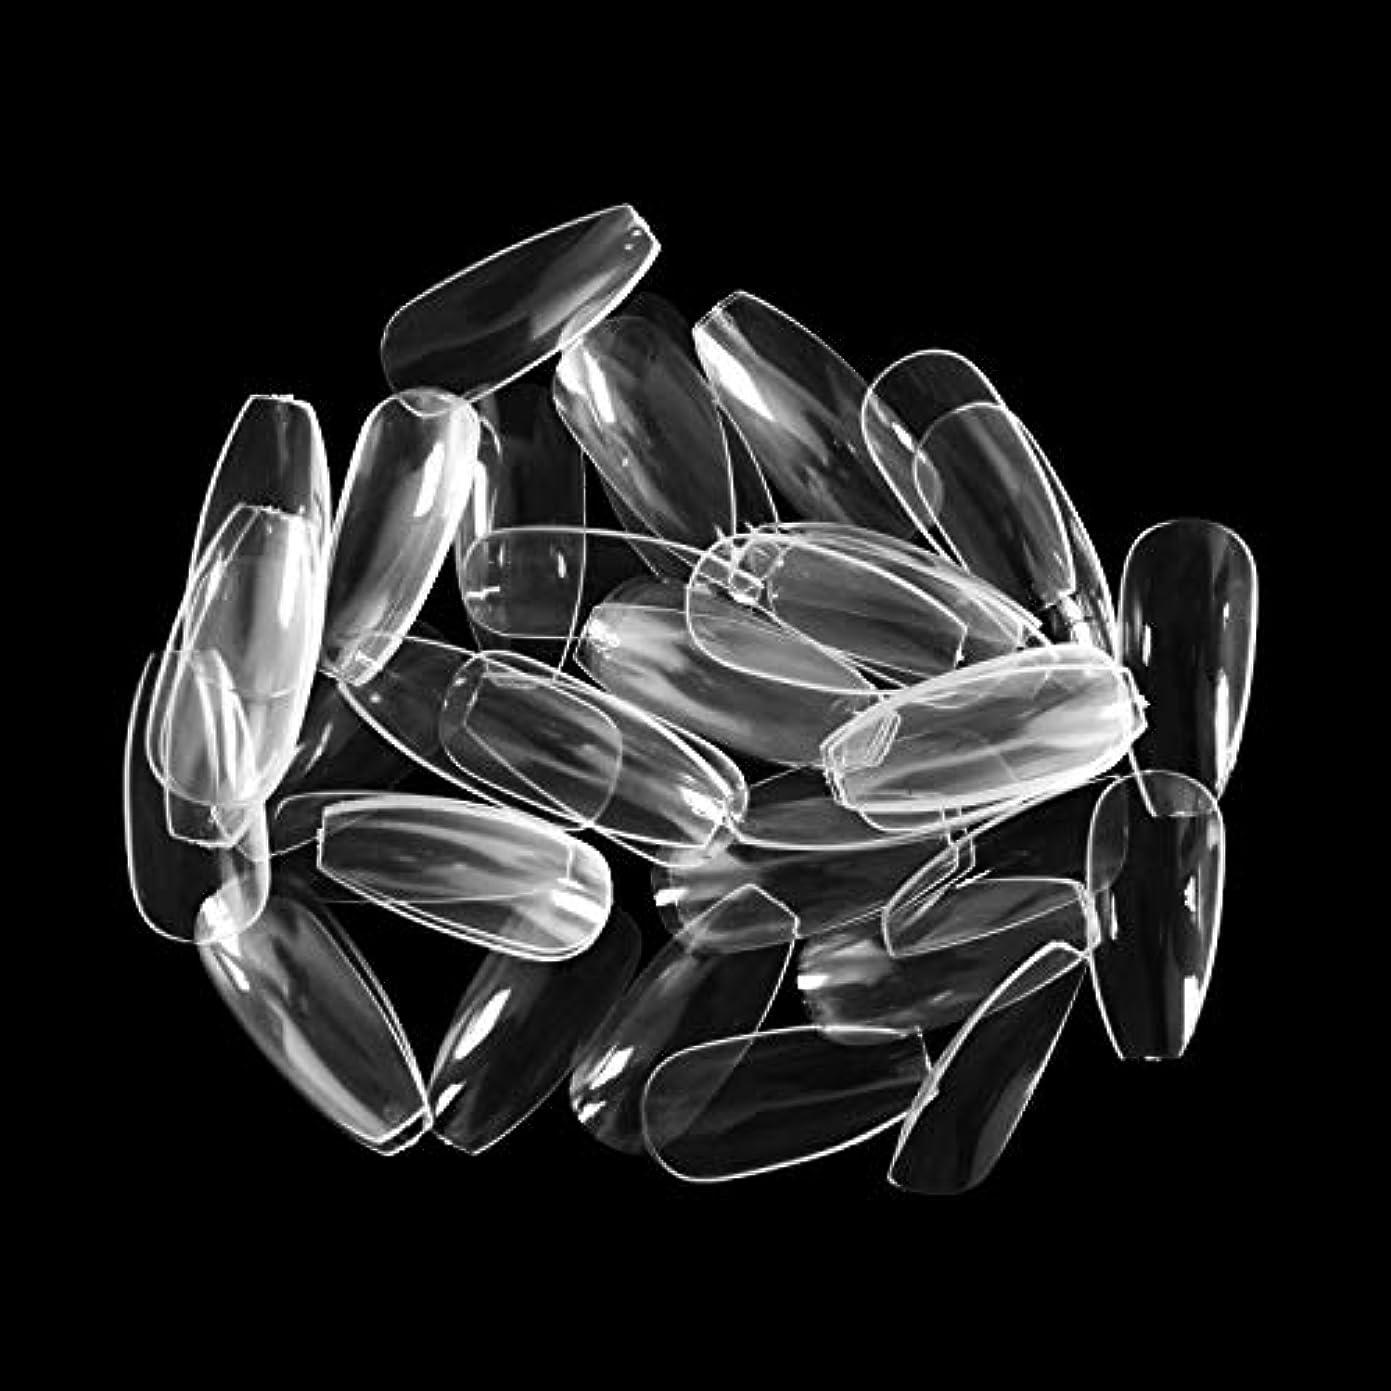 後継予測子家禽ネイルチップ Missct つけ爪 無地 ロング スクエア型 600枚入れ 10サイズ 爪にピッタリ 付け爪 練習用 透明 ネイル用品 デコレーション ネイルアート